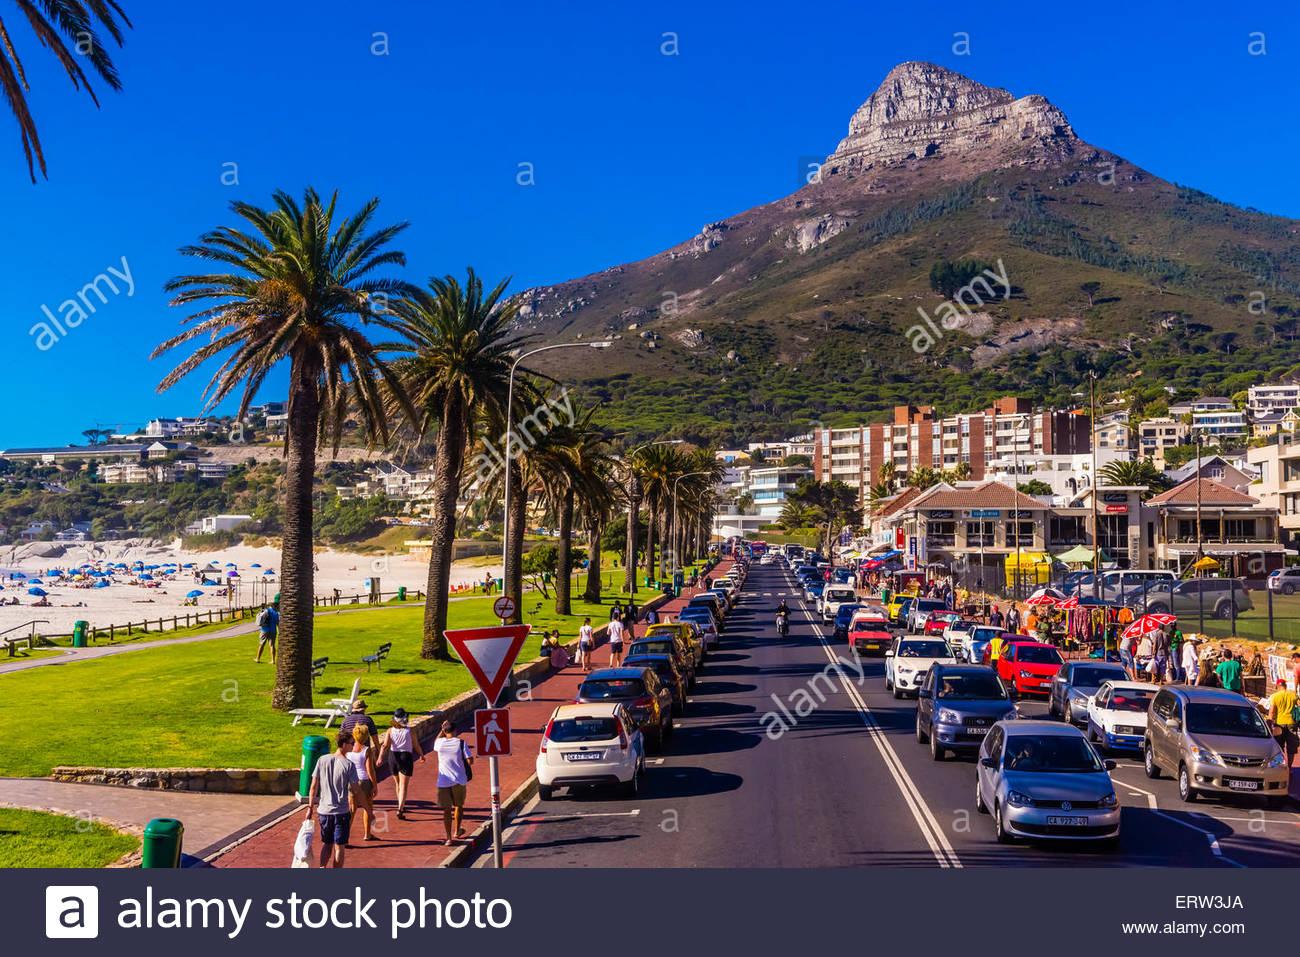 Camps Bay, Ciudad del Cabo, Sudáfrica. Imagen De Stock